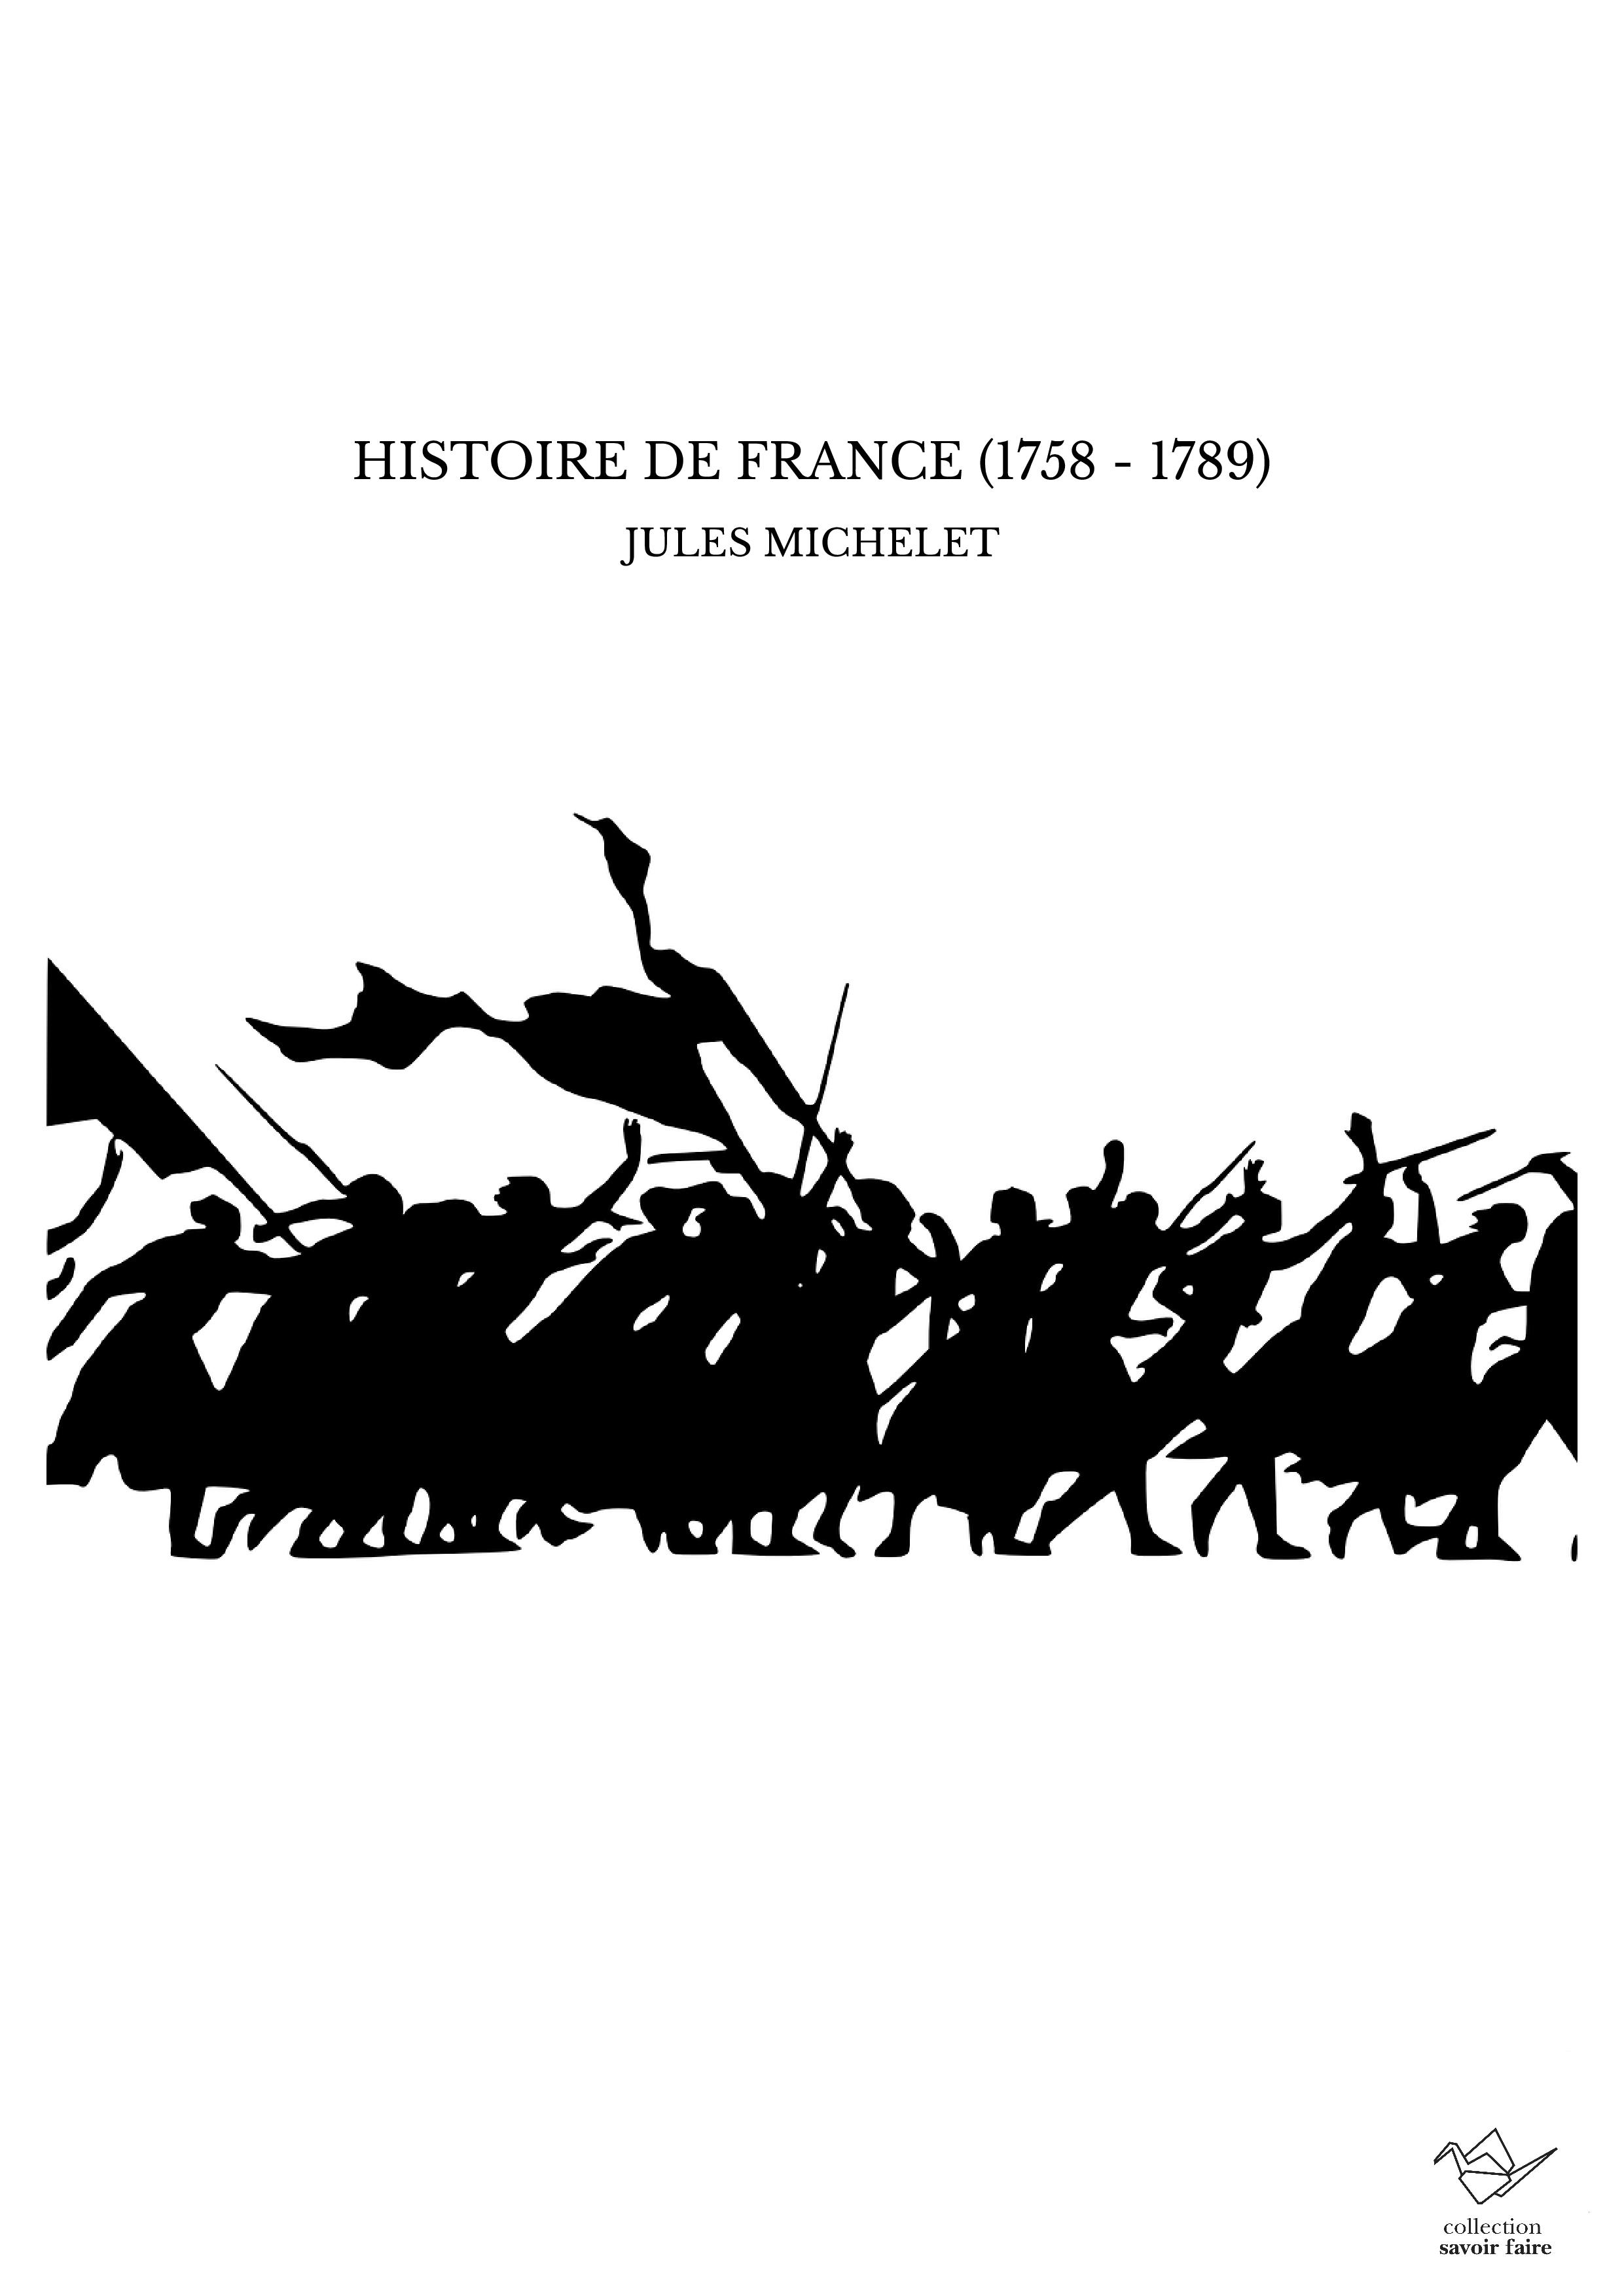 HISTOIRE DE FRANCE (1758 - 1789)